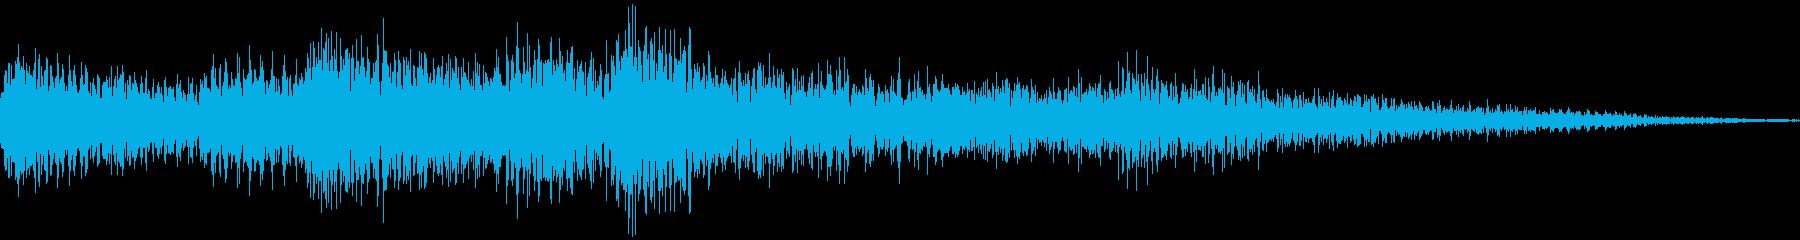 ゲームクリア効果音の再生済みの波形